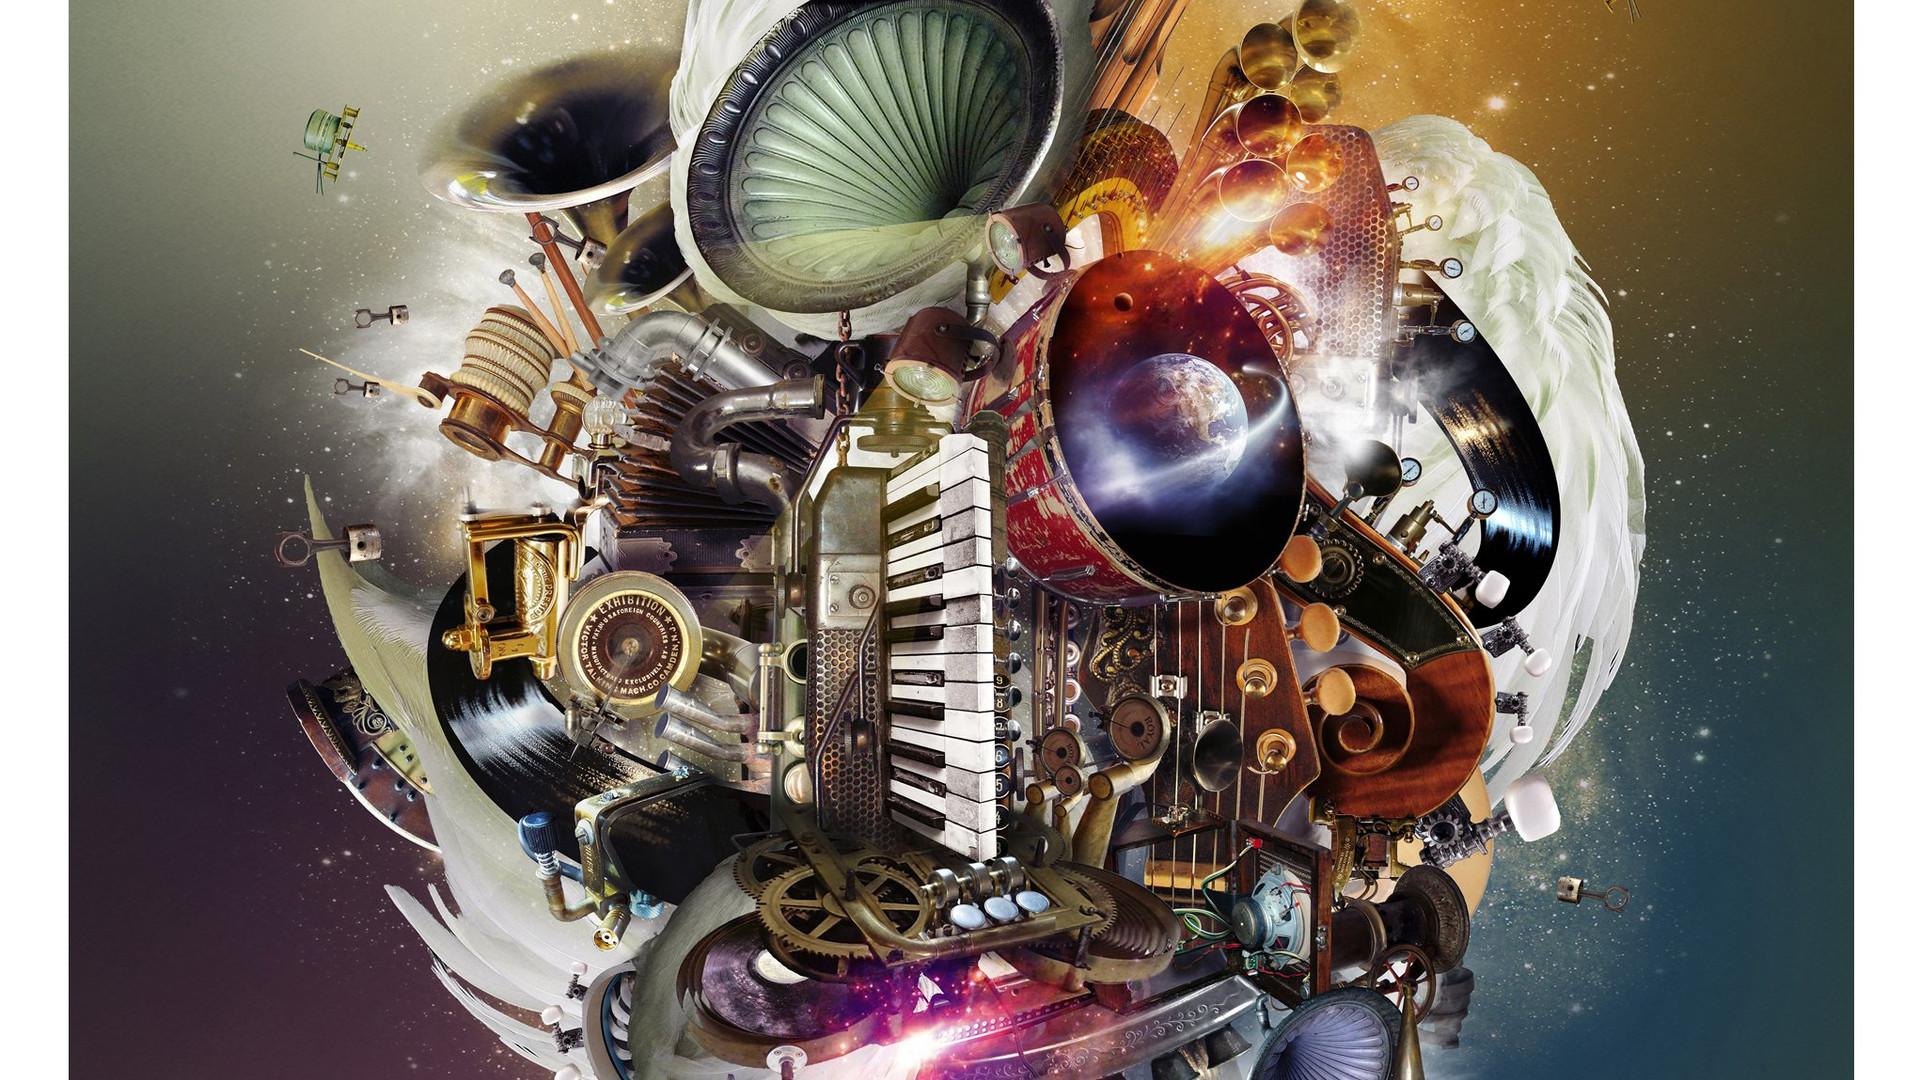 music_c7dead14-ac91-4d06-812a-2596ffdbe6